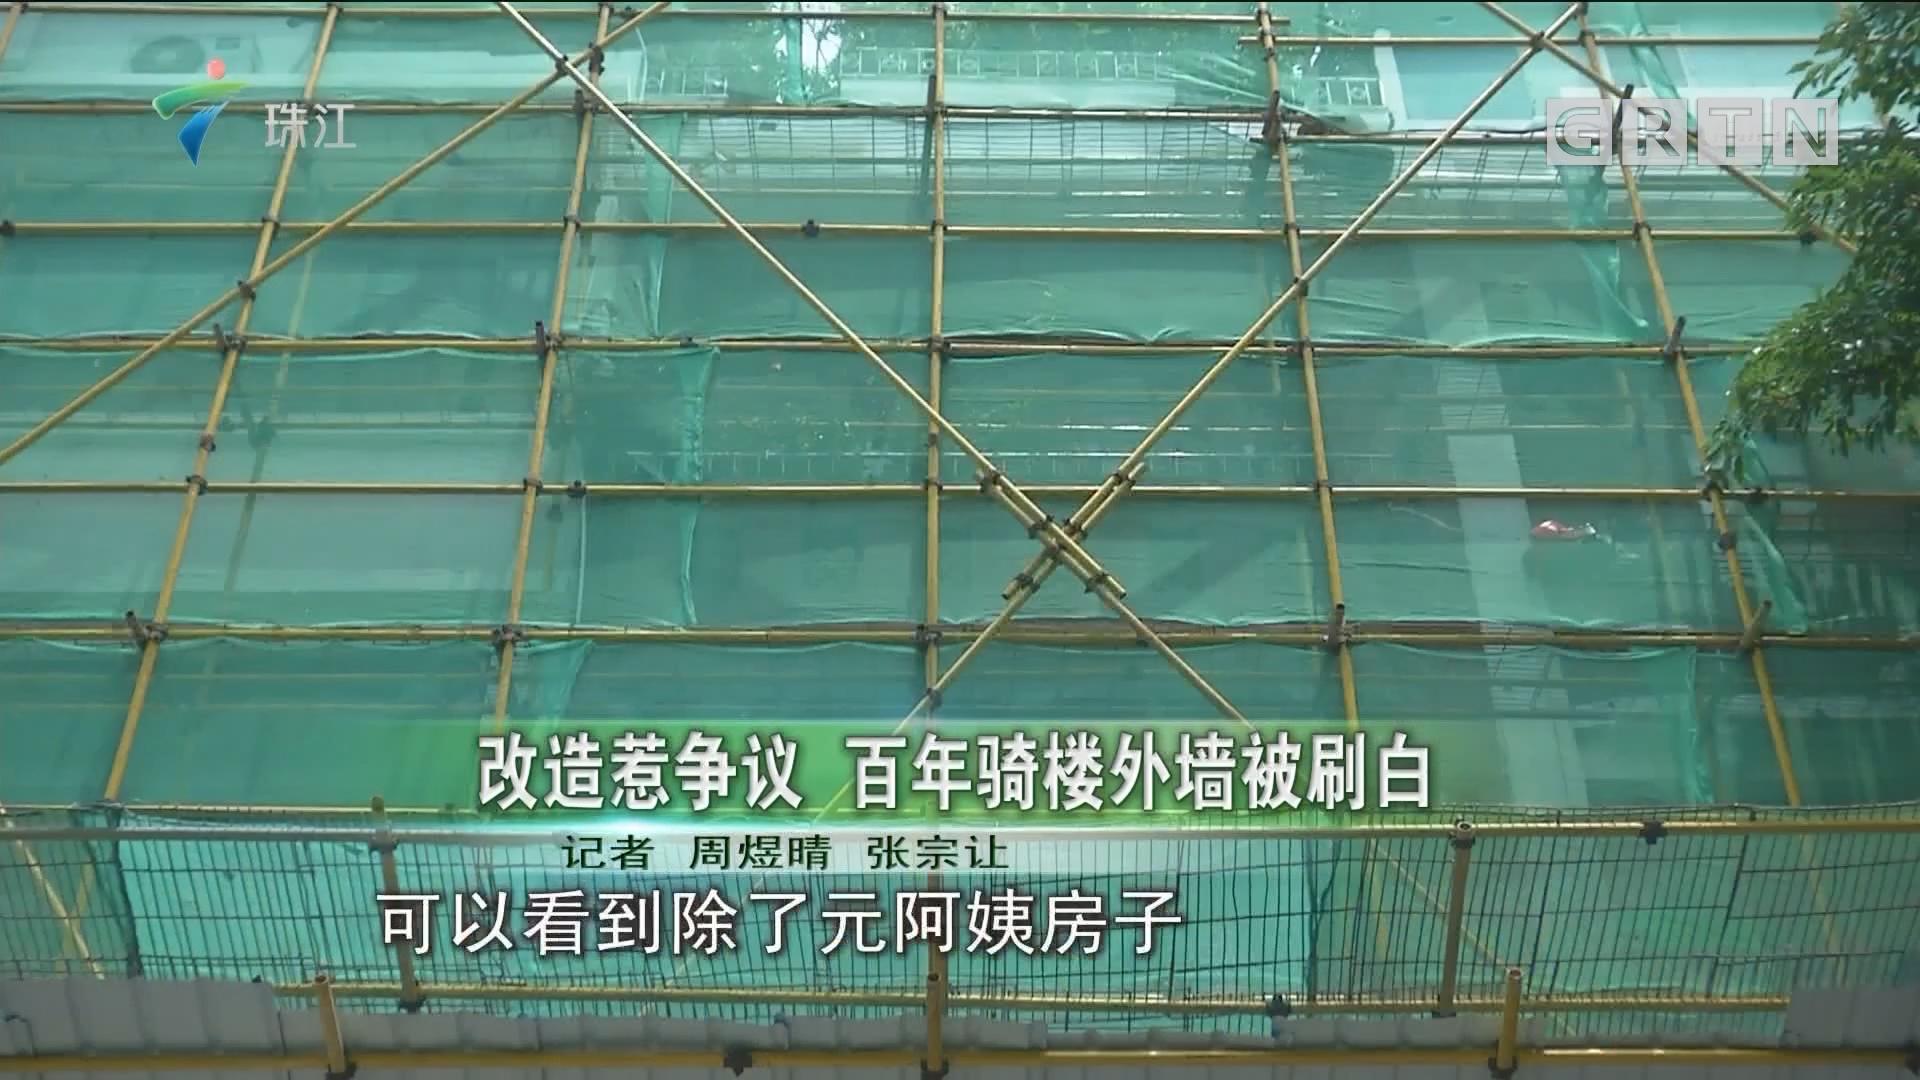 改造惹争议 百年骑楼外墙被刷白